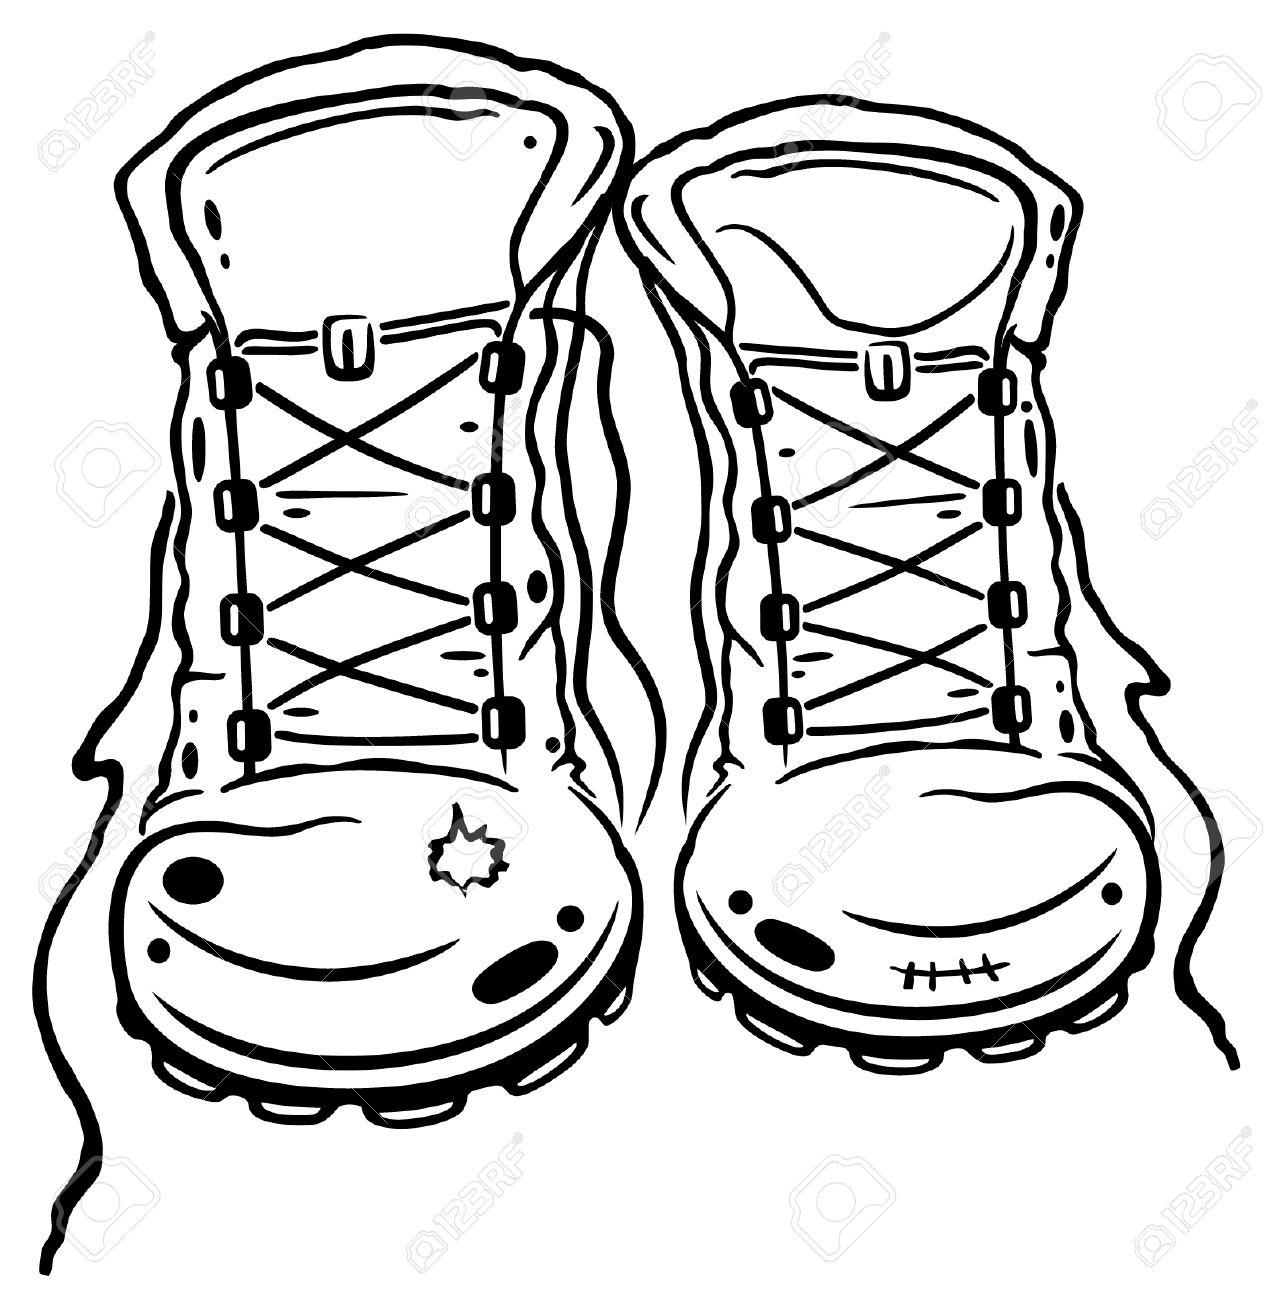 1274x1300 Mountain shoe clipart